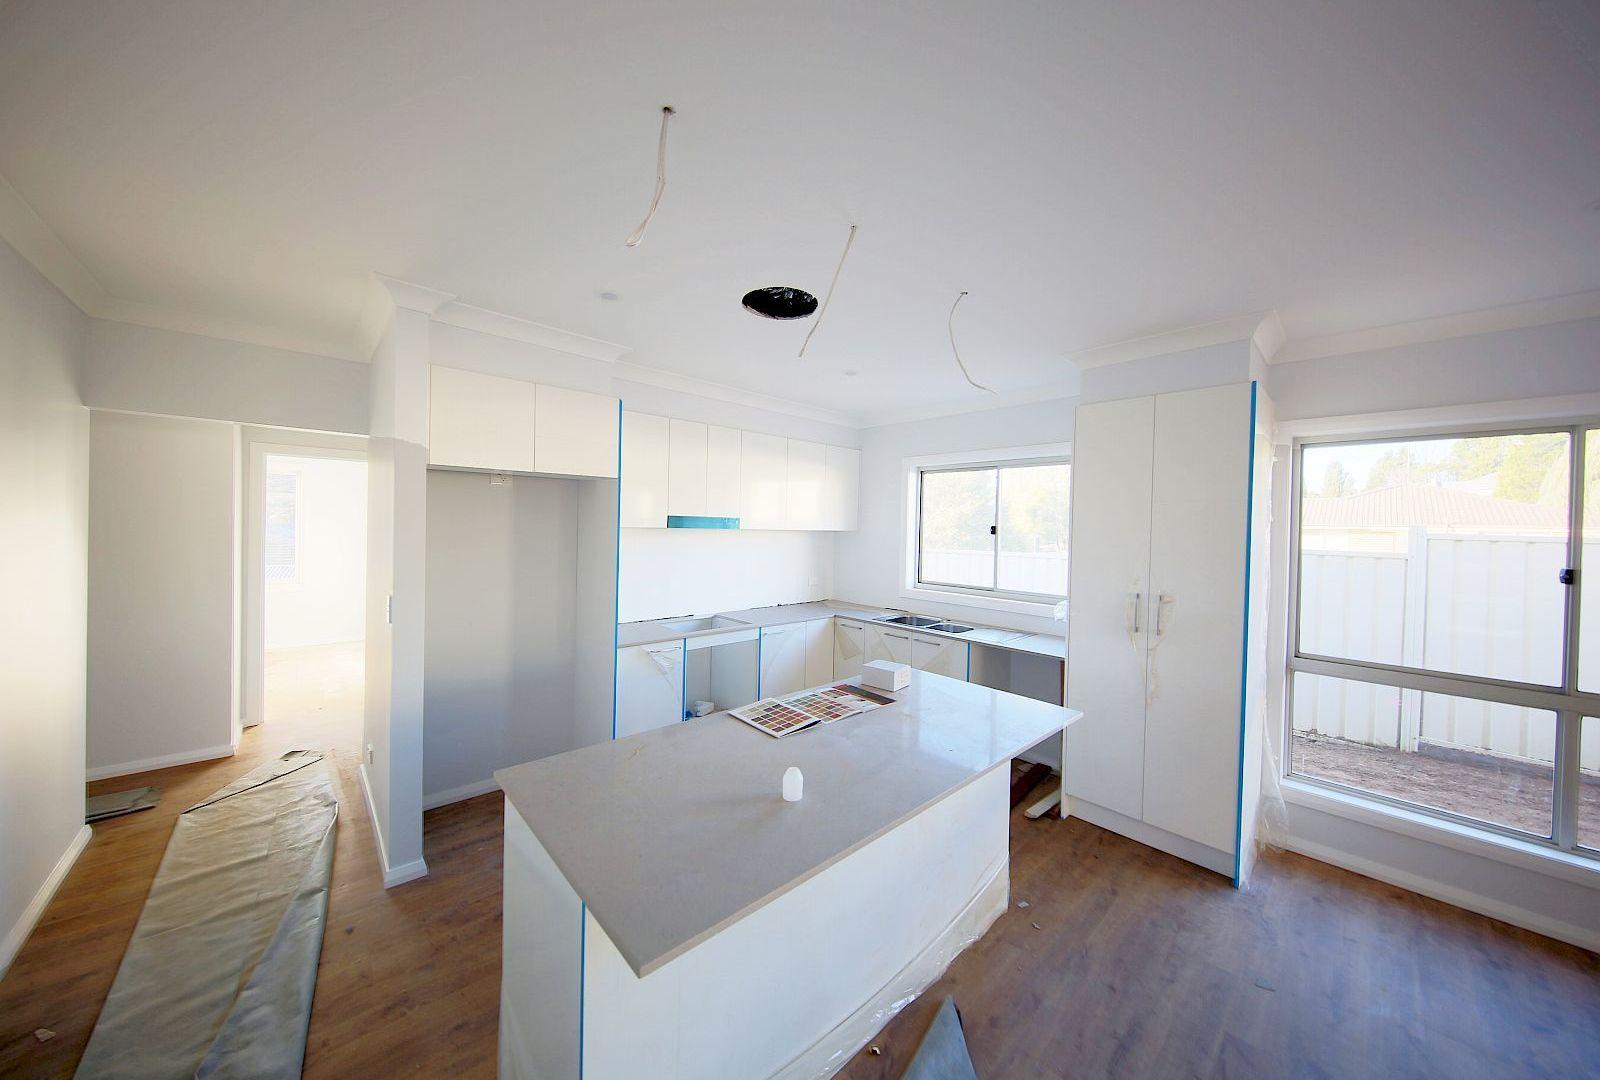 Lot 4221 Yallambi Street, Picton NSW 2571, Image 2